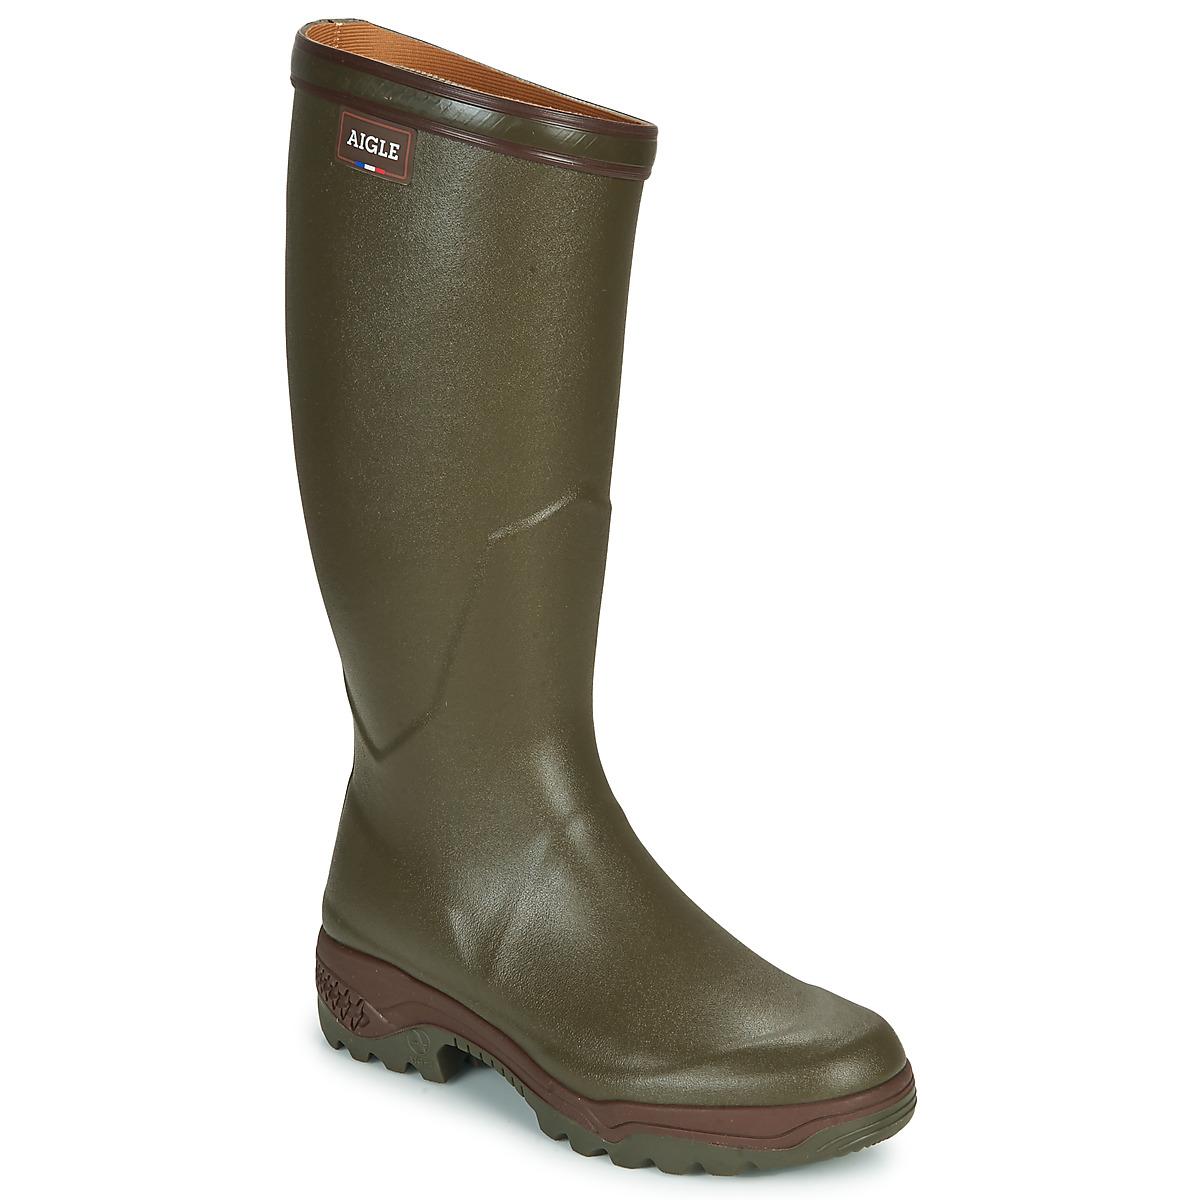 aigle parcours 2 kaki livraison gratuite avec chaussures bottes de pluie homme. Black Bedroom Furniture Sets. Home Design Ideas